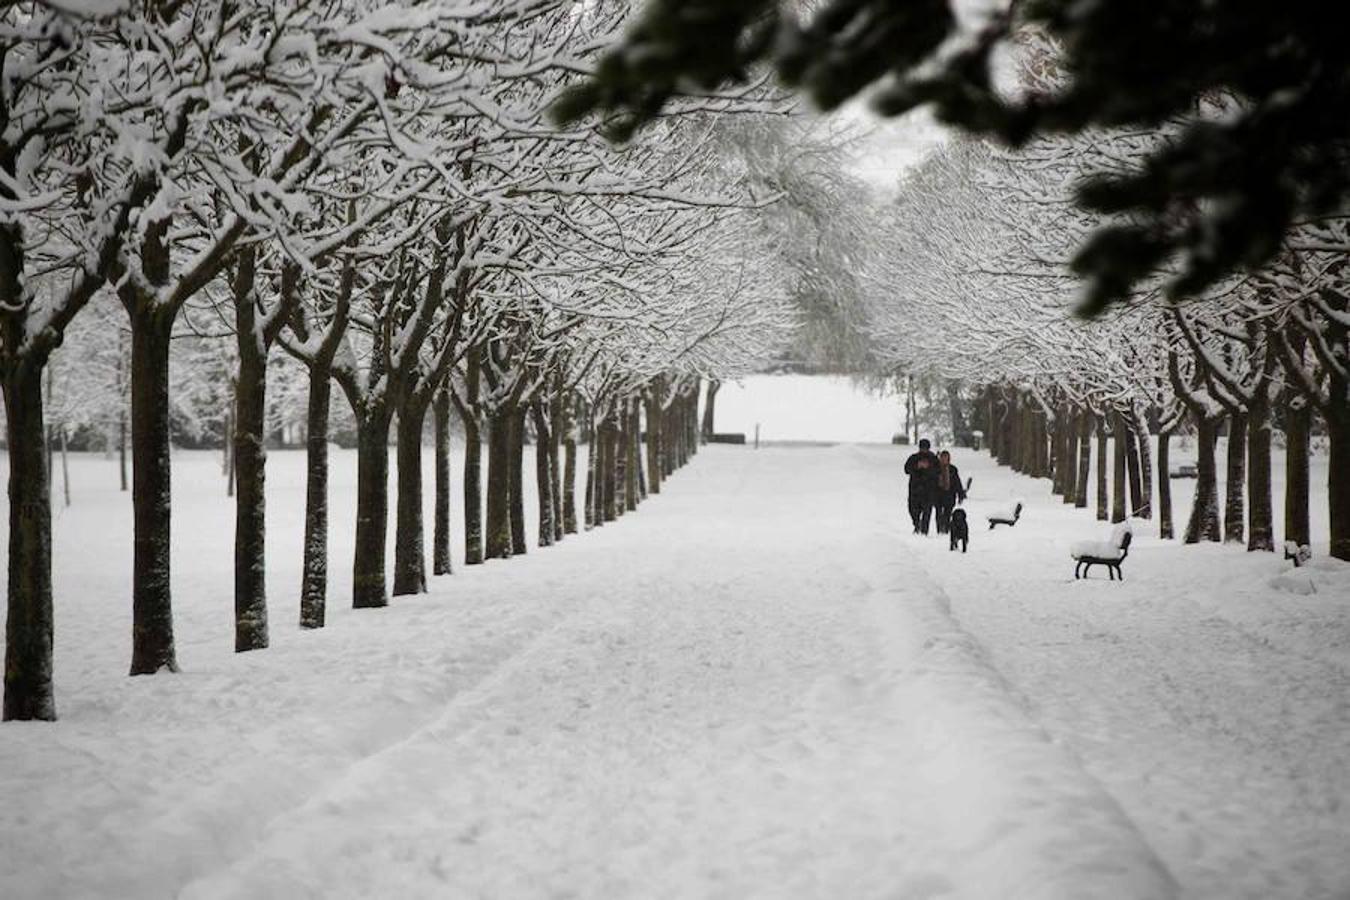 paseantes en el parque de Olarizu de Vitoria, que ha amanecido cubierta por la nieve